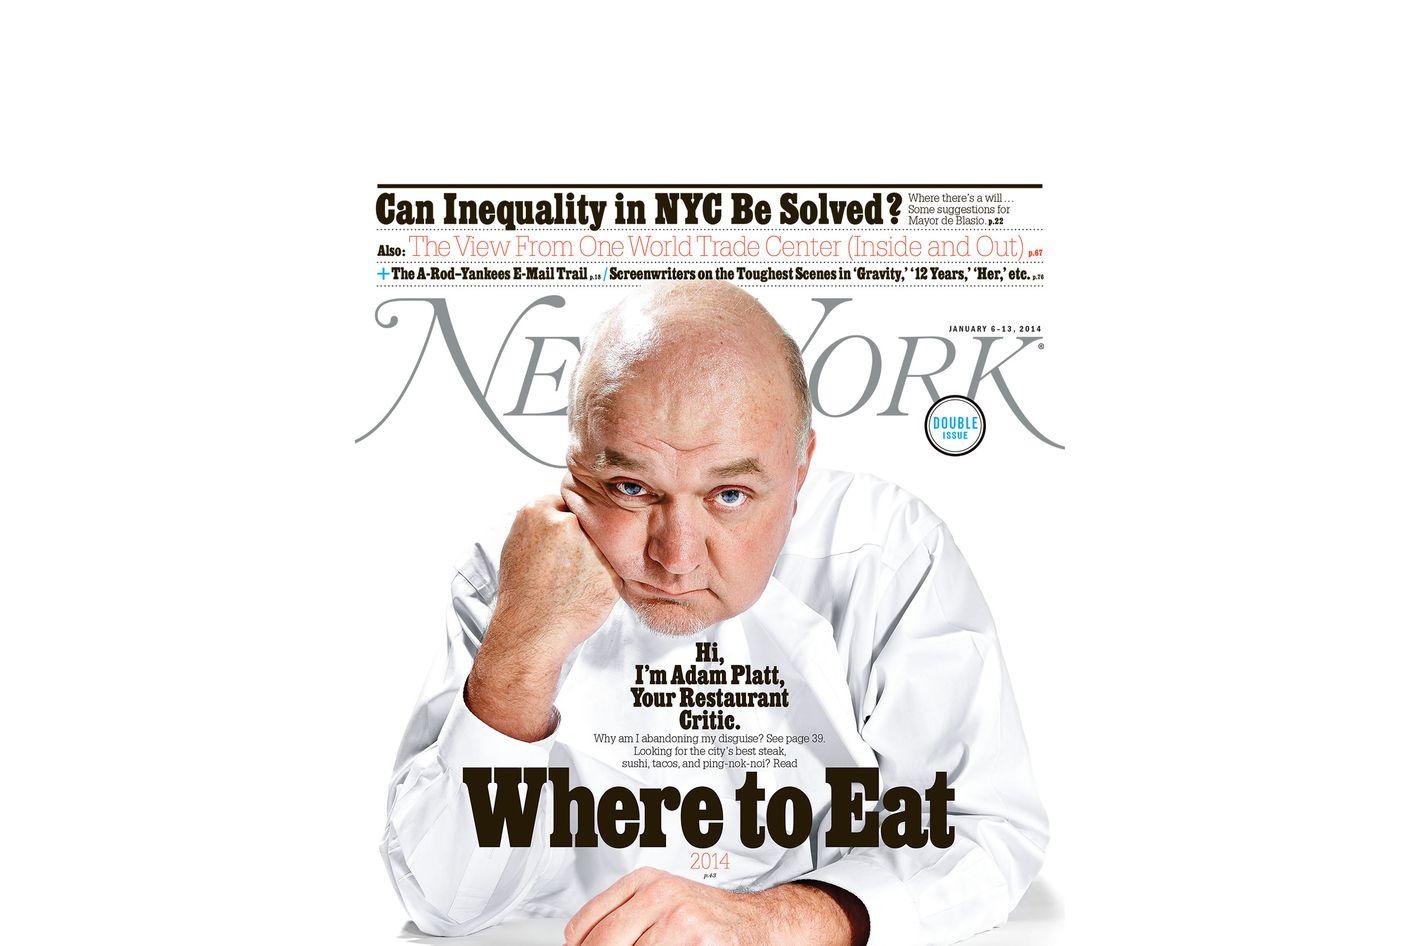 em>new york< em> critic adam platt abandons anonymity tells you <em>new york< em> critic adam platt abandons anonymity tells you where to eat in 2014